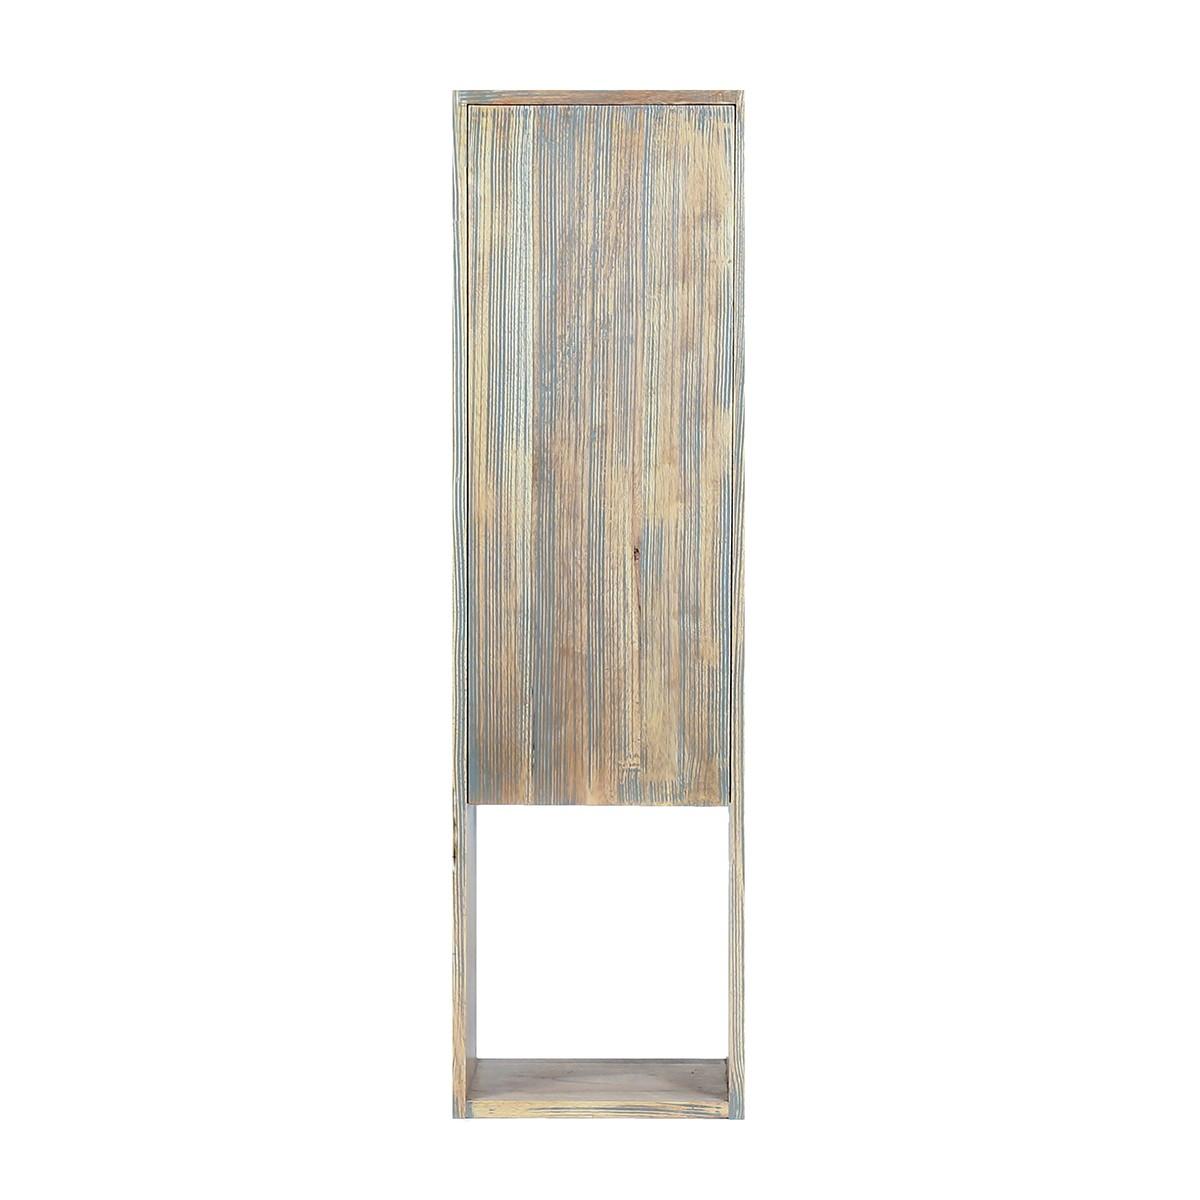 Colonne de salle de bain en bois d'hévéa suspendue H 120 cm